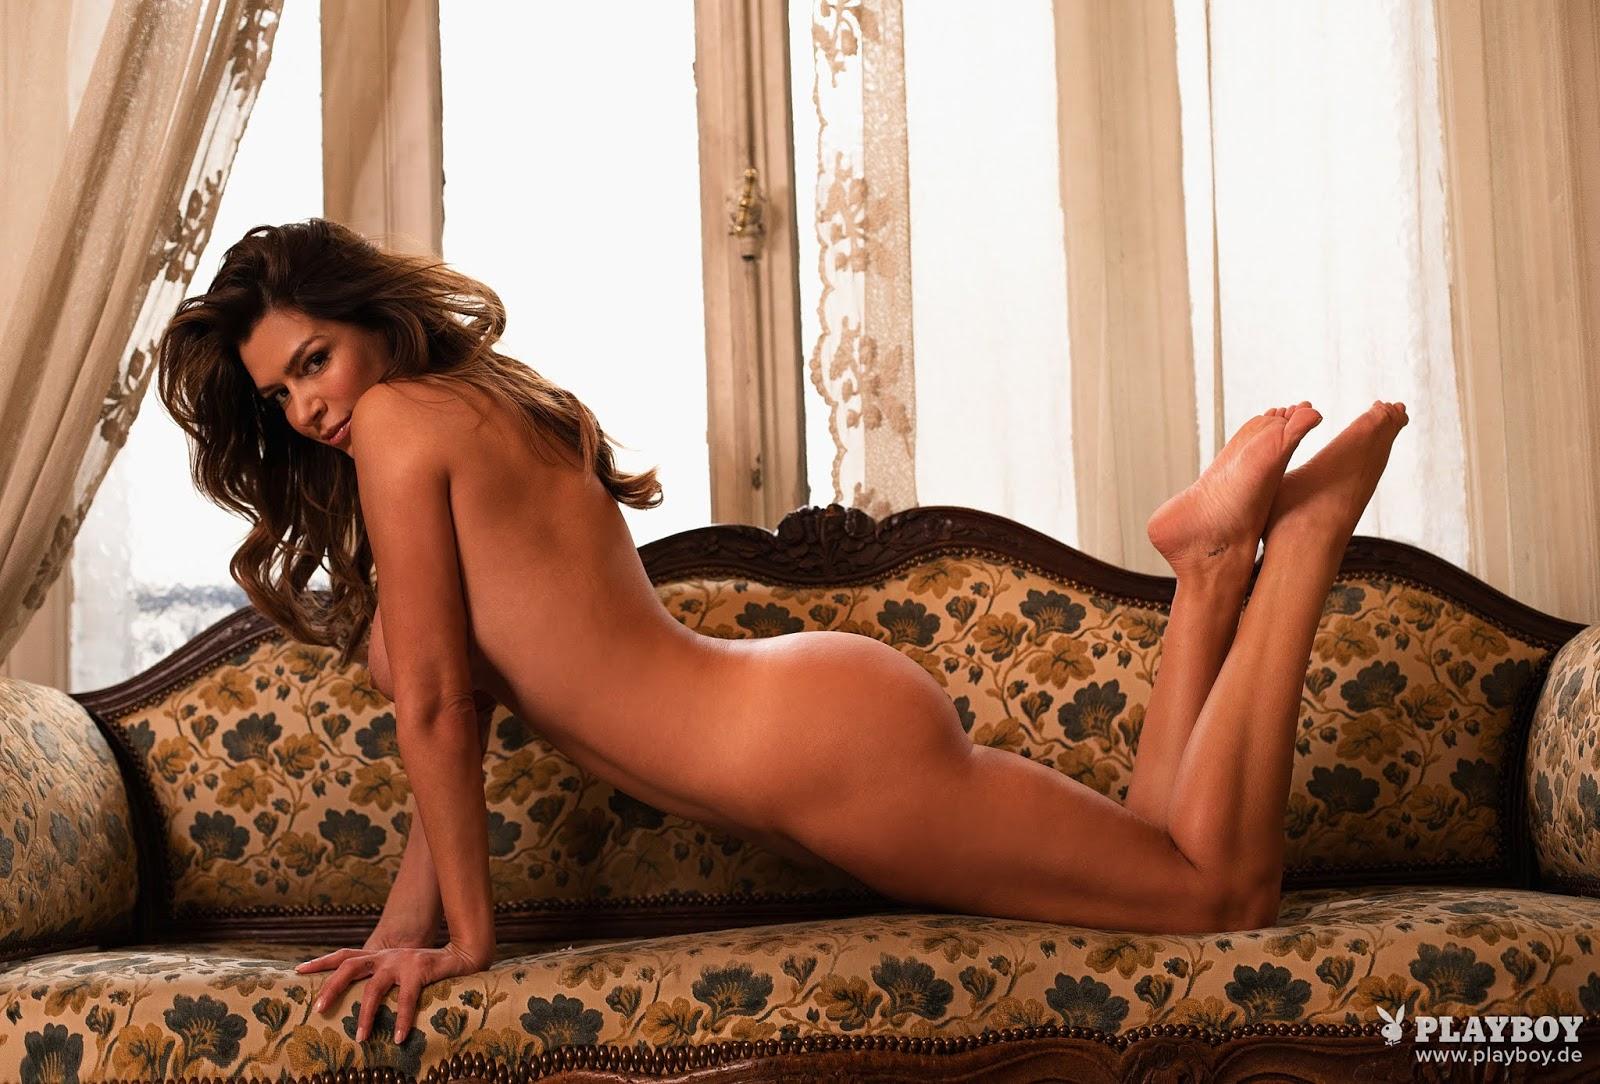 Boulahrouz porn sabia Sabia Boulahrouz